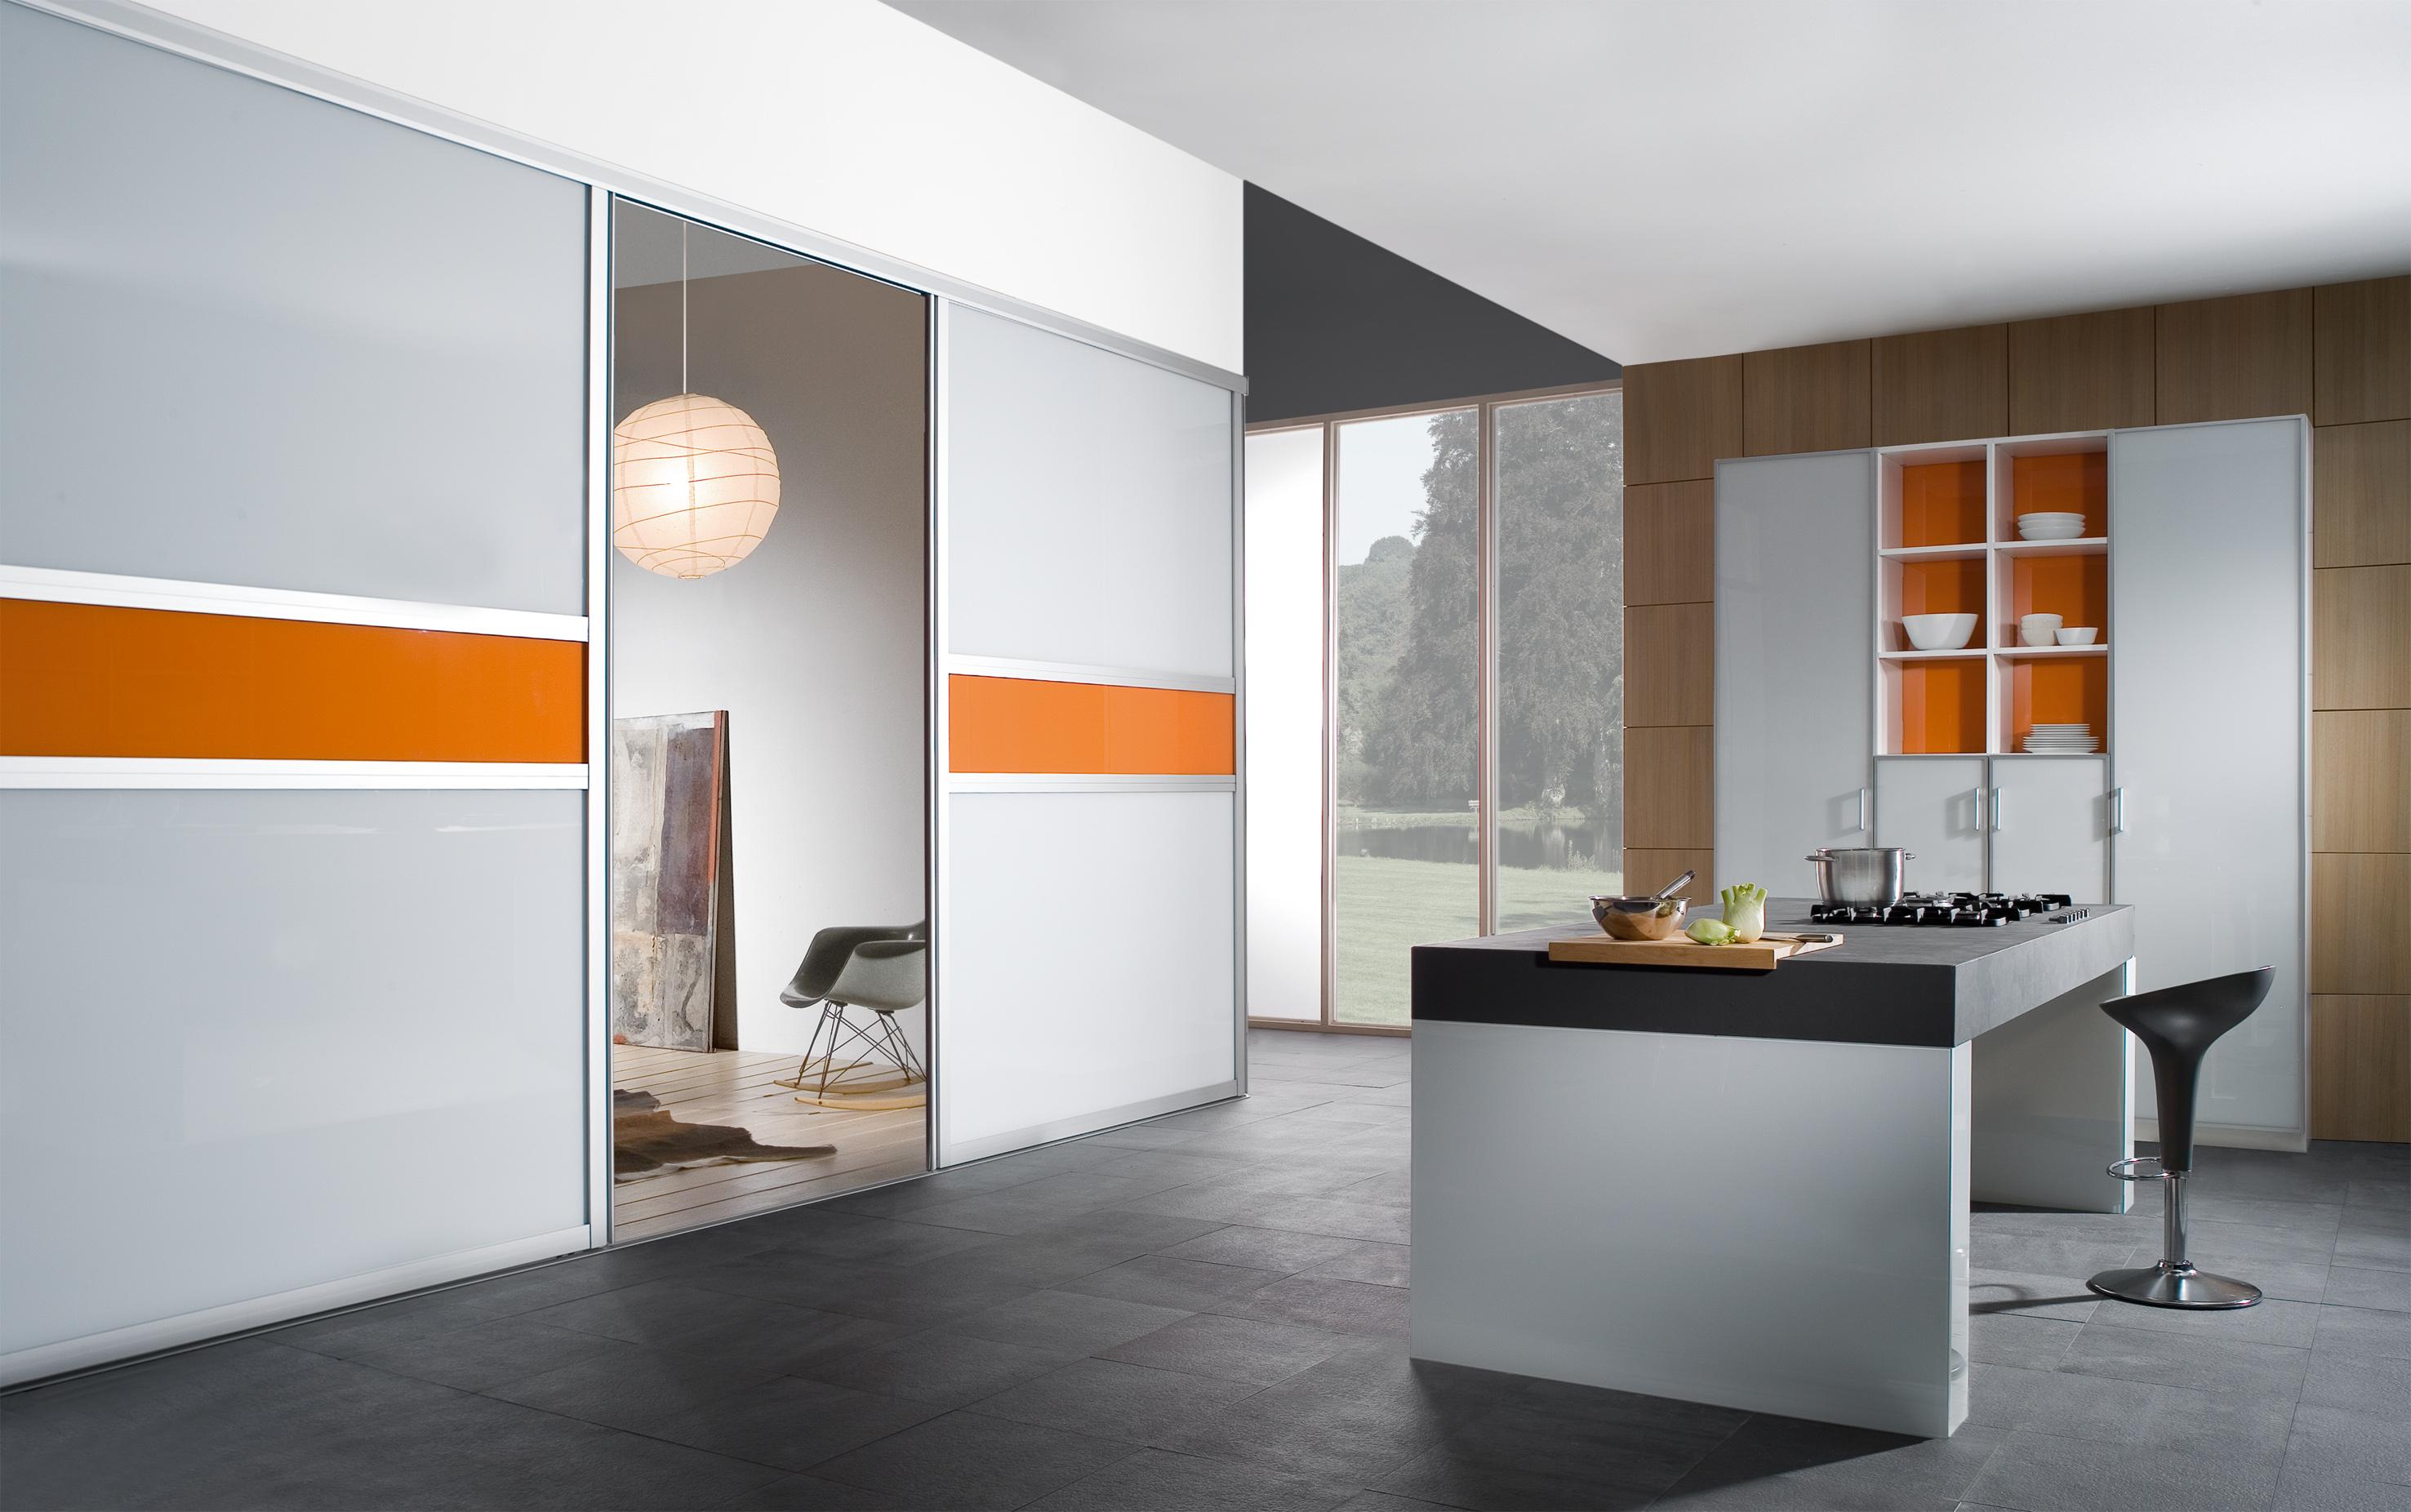 schiebewand trennwand massgenau einrichten. Black Bedroom Furniture Sets. Home Design Ideas